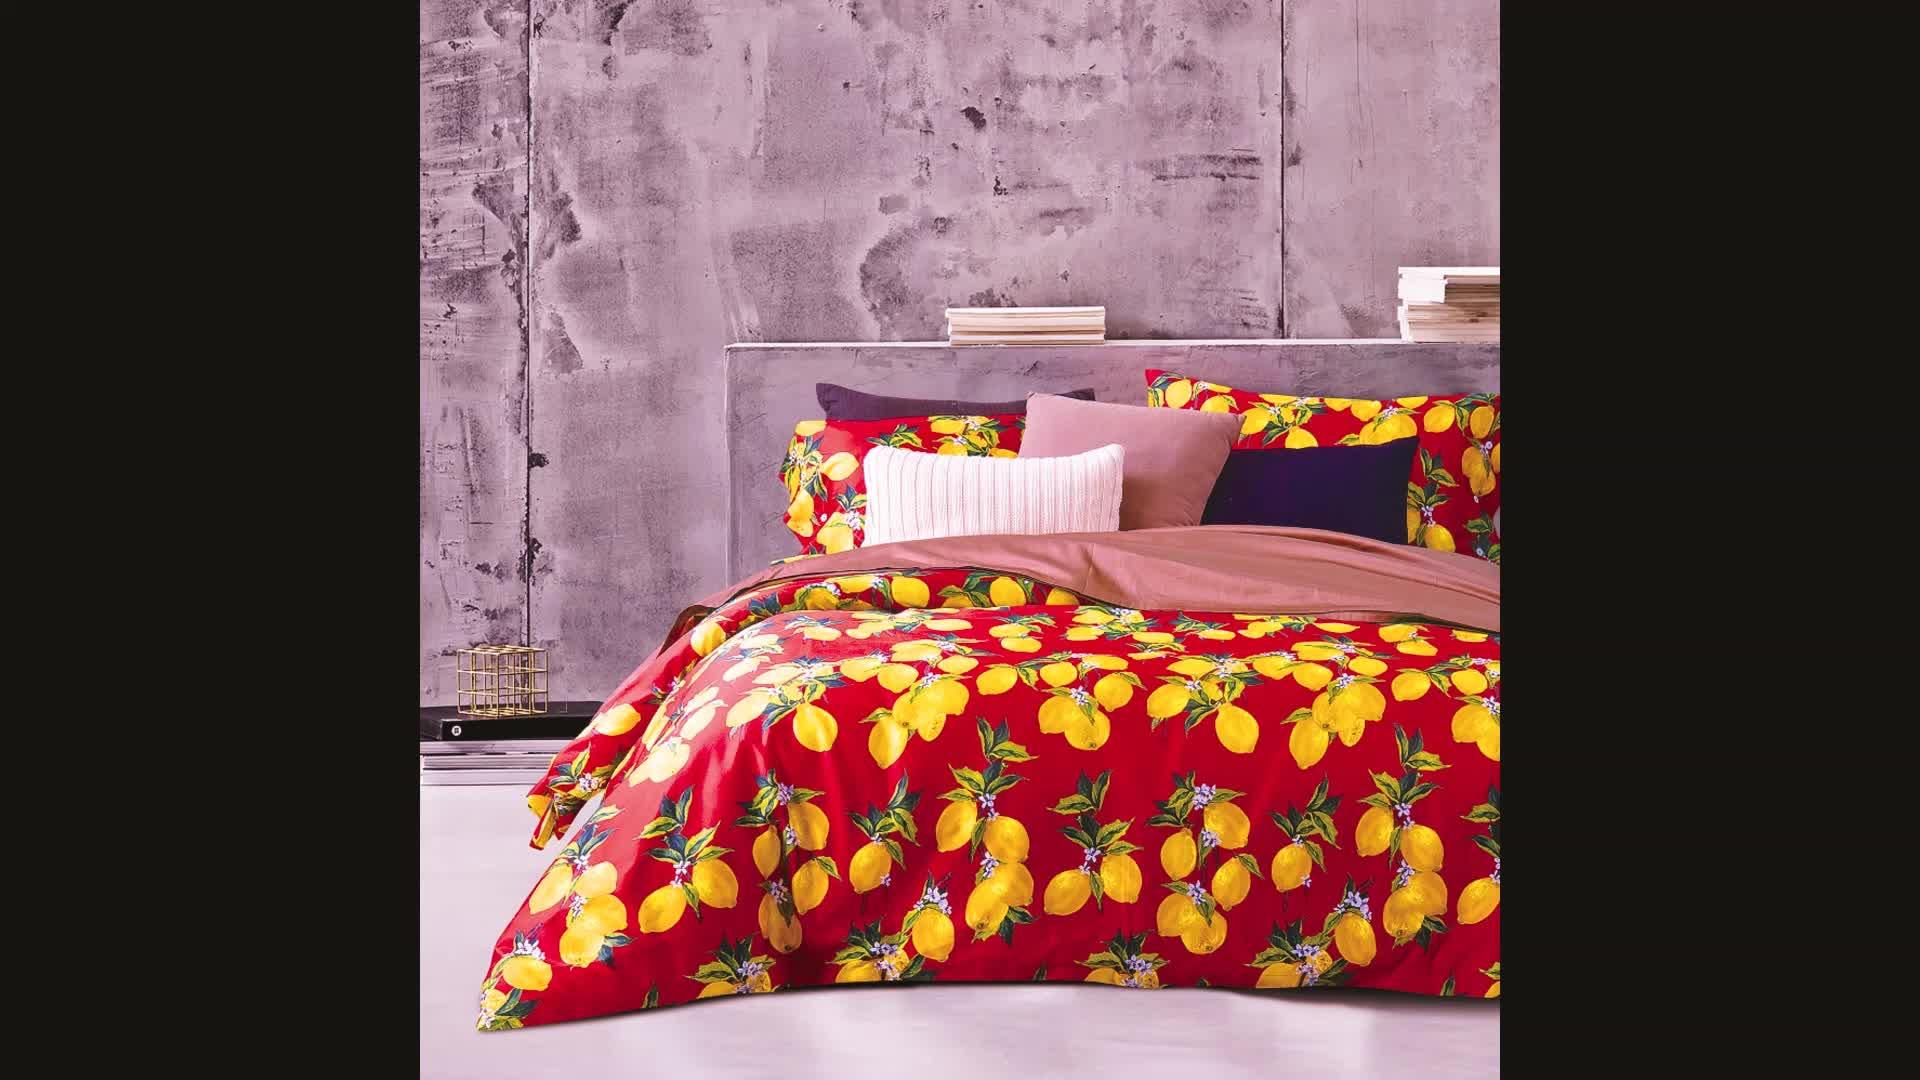 100% cotton In thiết kế 300TC duvet cover và sheet Bộ Đồ Giường thiết lập